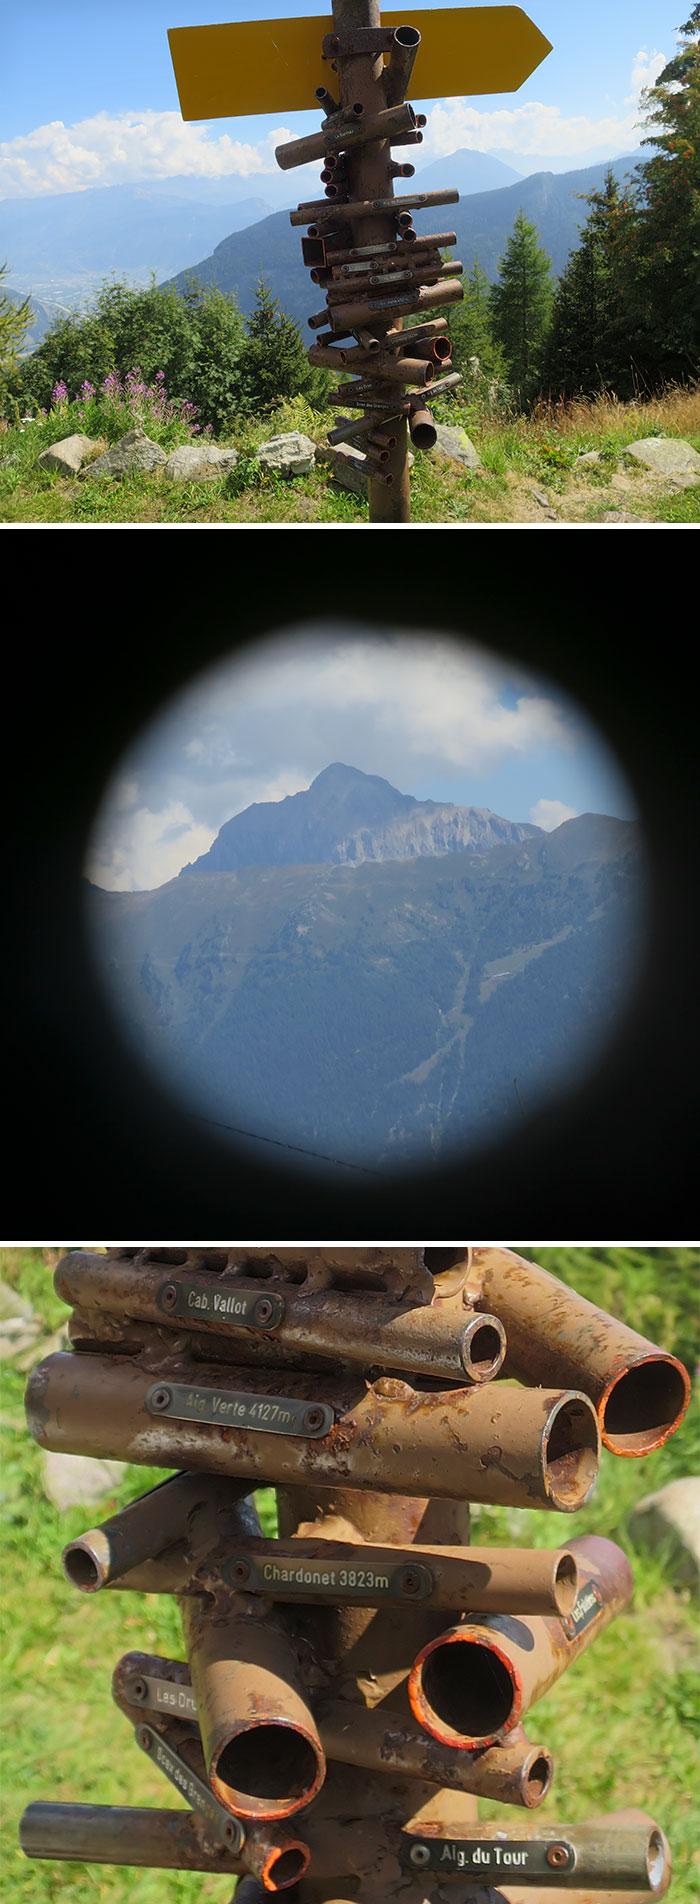 Aparato para encontrar montañas en Suiza